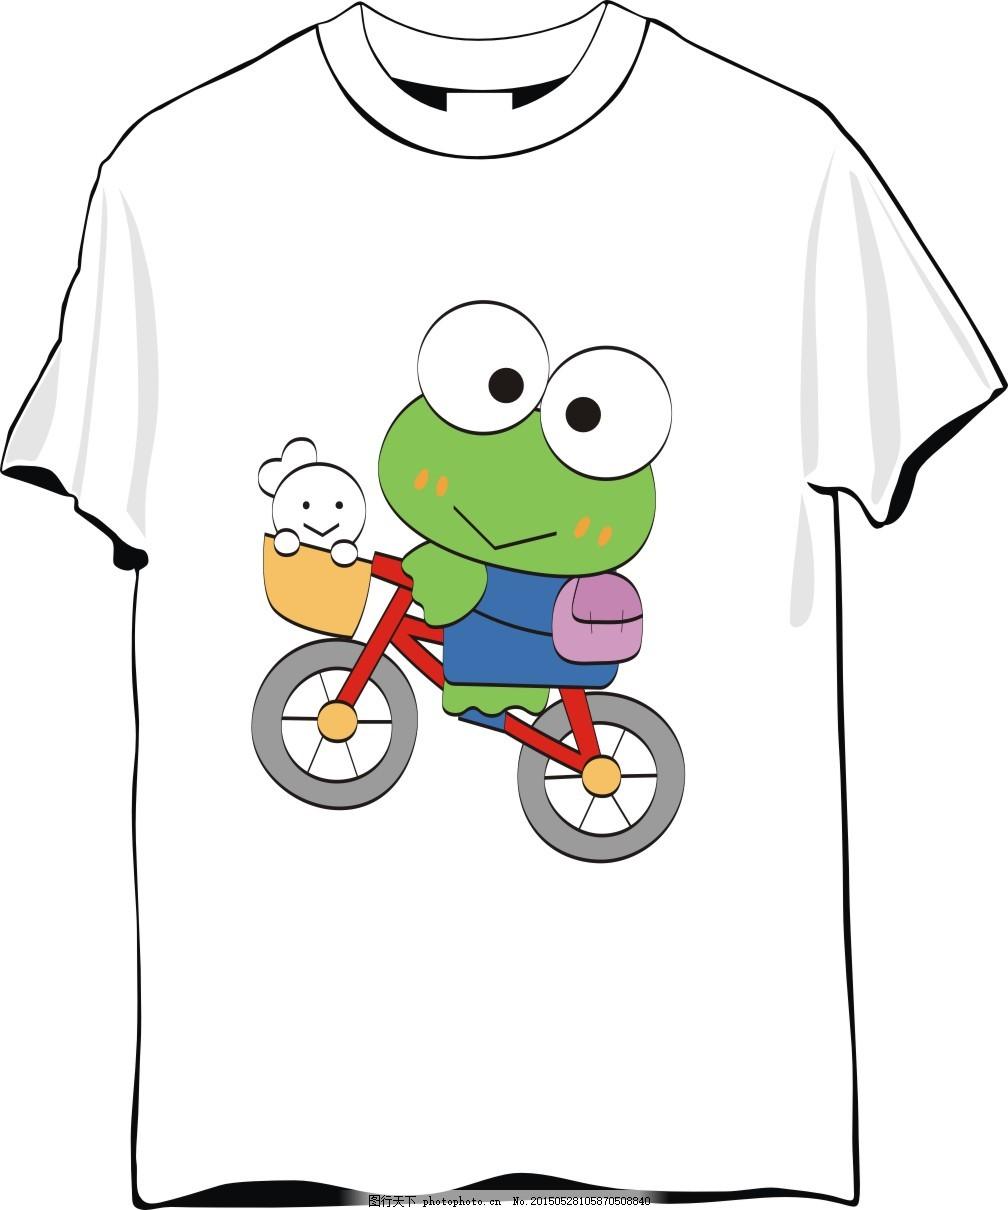 青蛙t恤素材 动物图案t恤 可爱t恤 白色 涂鸦 手绘 彩色 卡通 矢量图